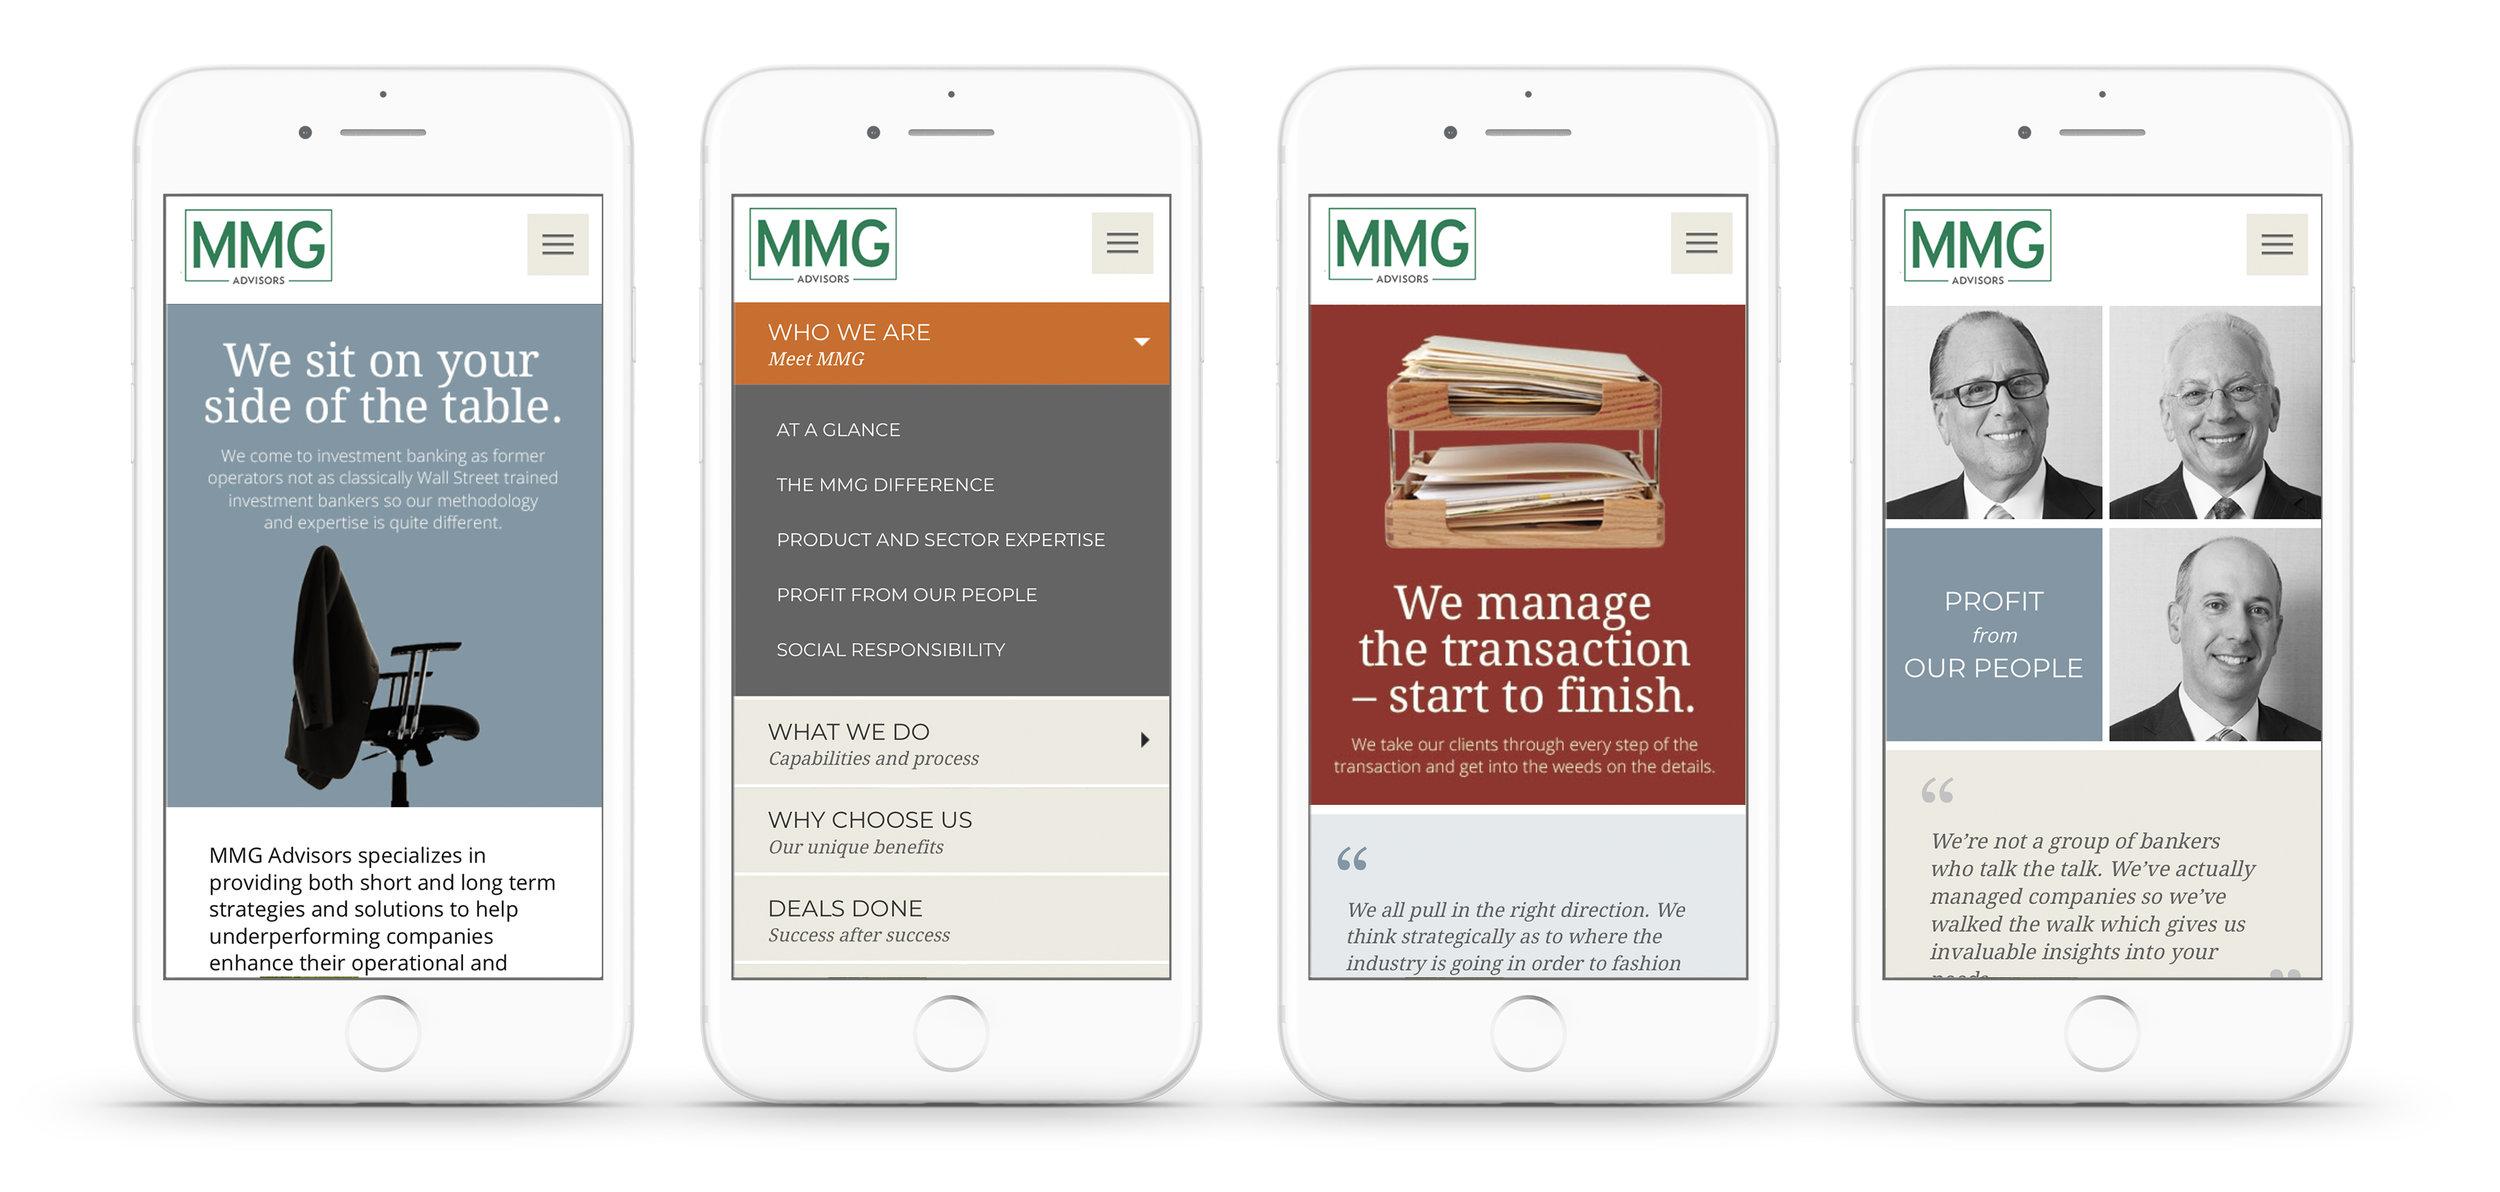 MMG_Mobile.jpg